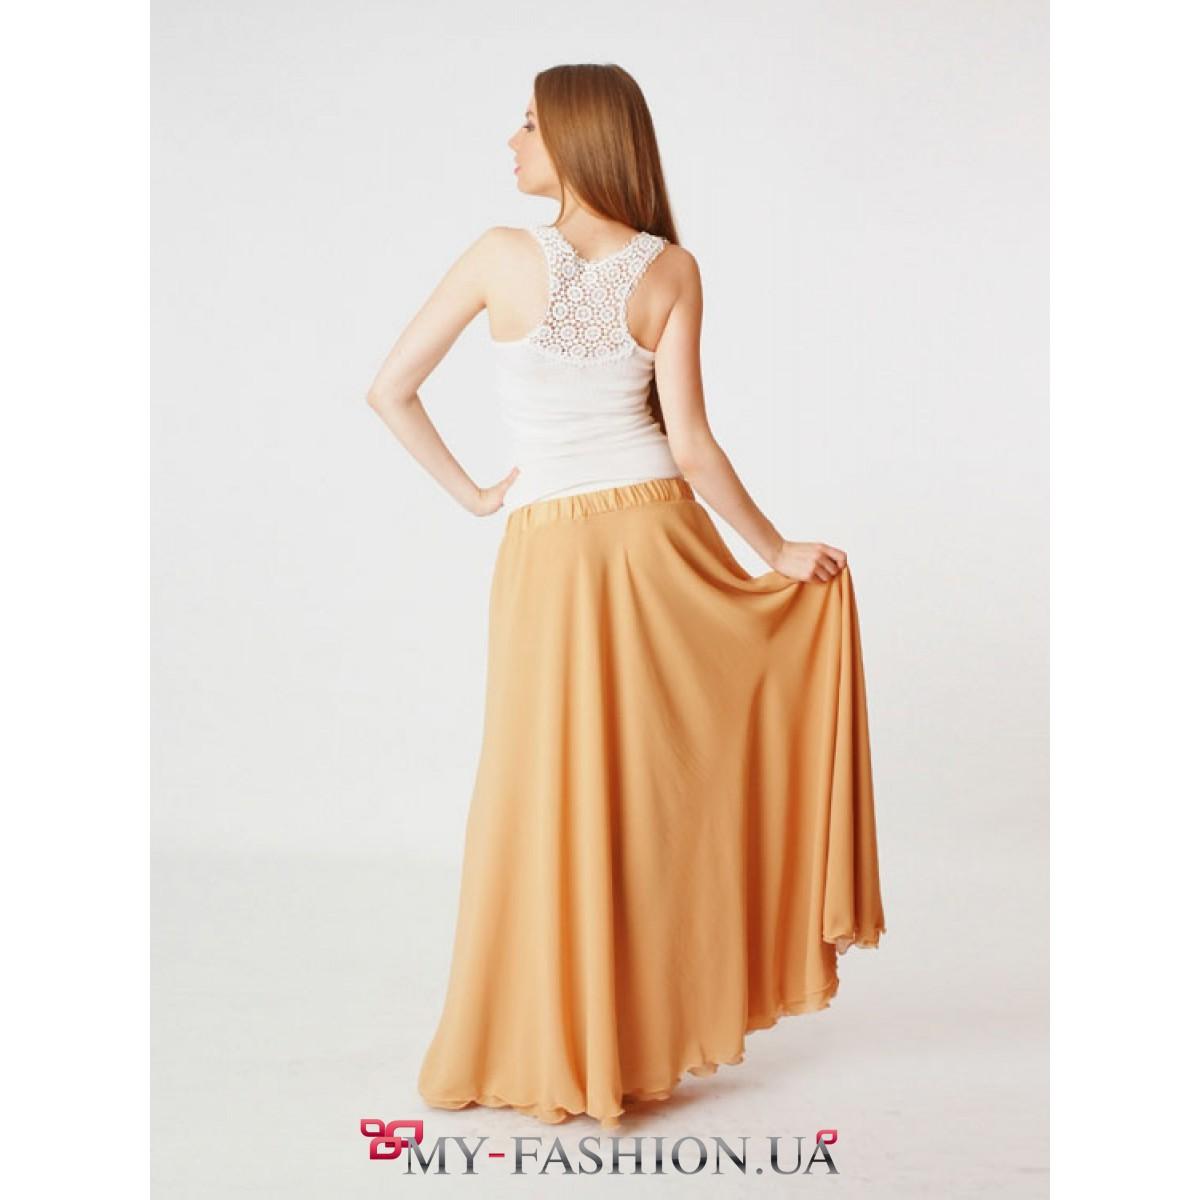 Модные длинные юбки доставка